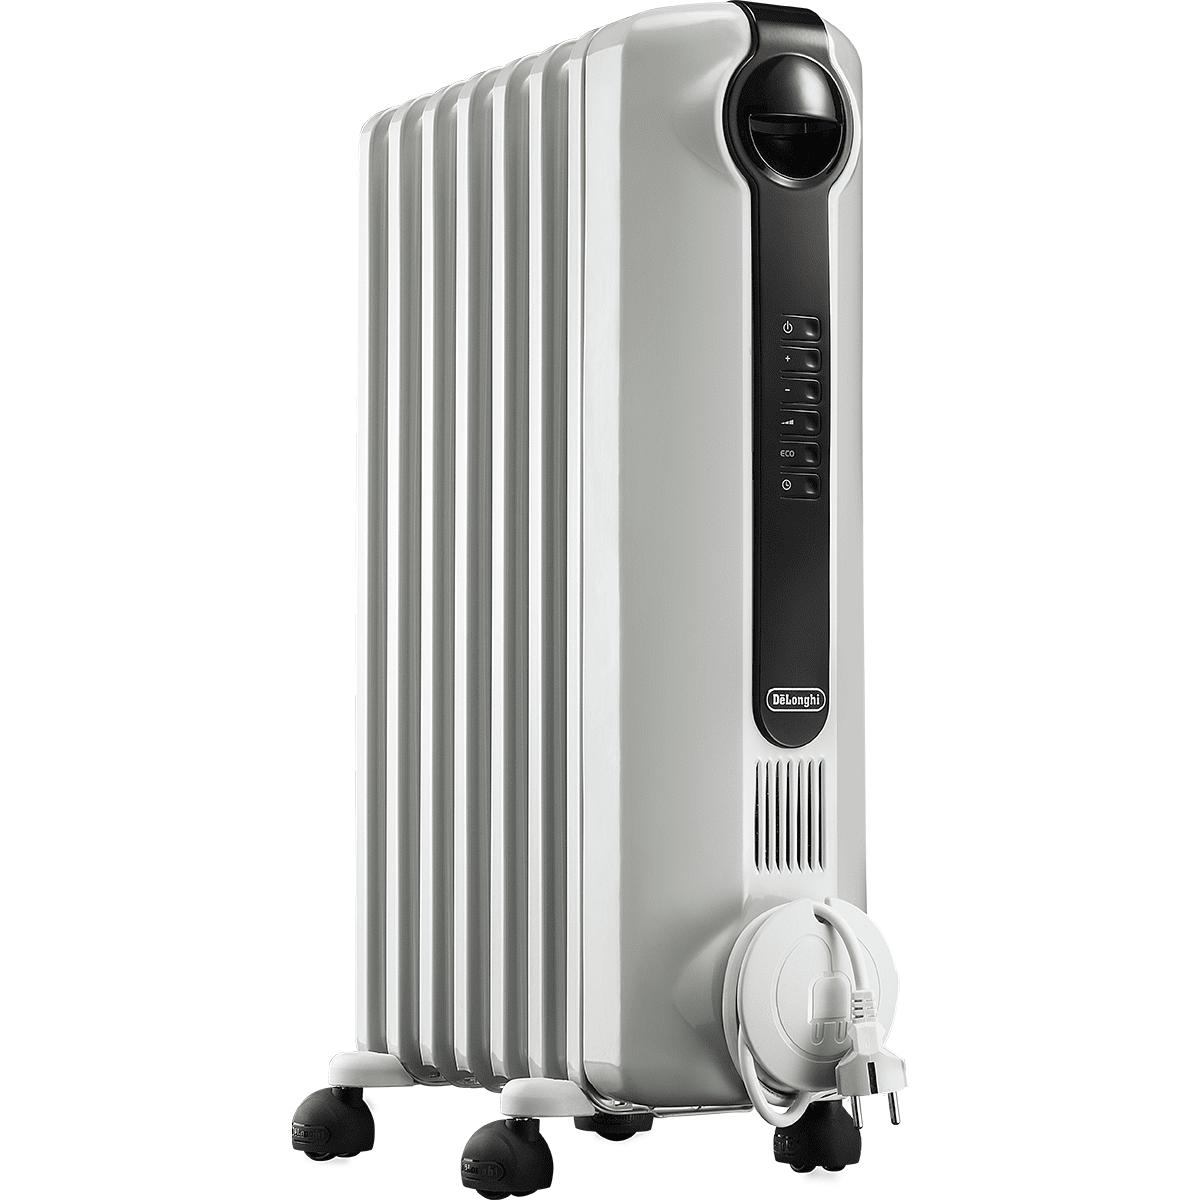 DeLonghi Oil-Filled Radiator Heater - TRRS0715E